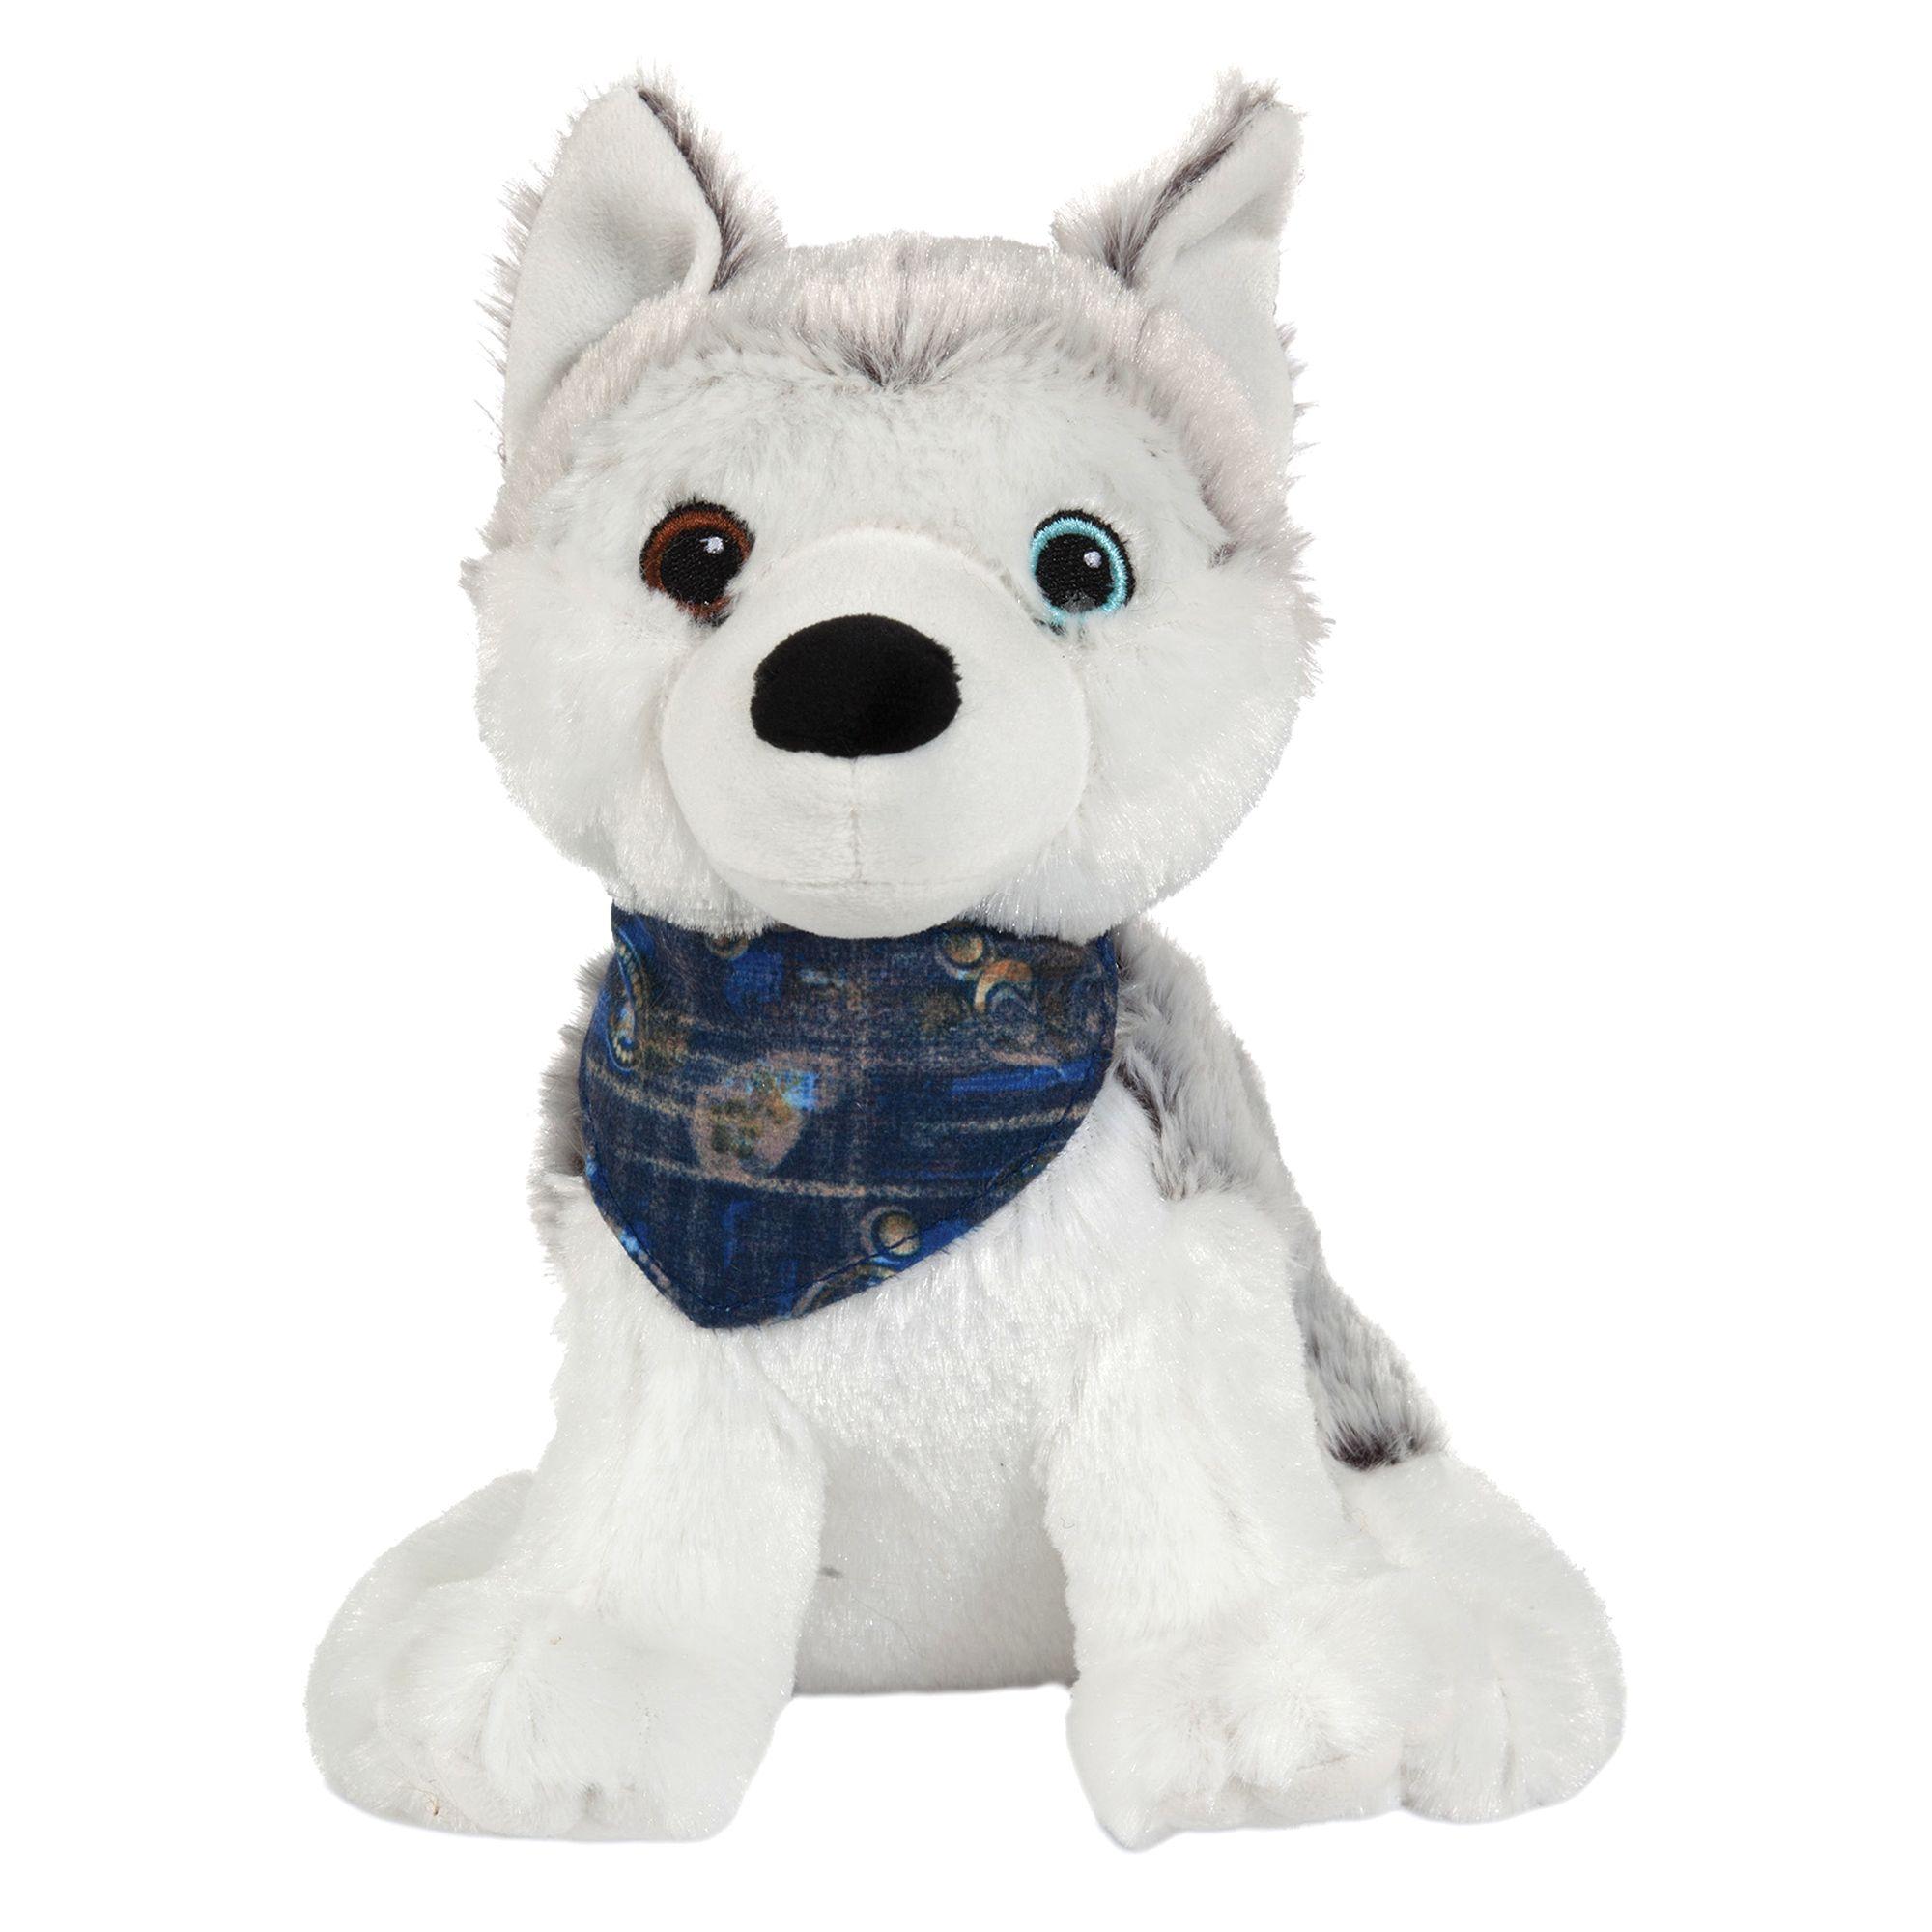 MuttNation Rescue Mutt Roxie Dog Toy, Mutt Nation 5259924